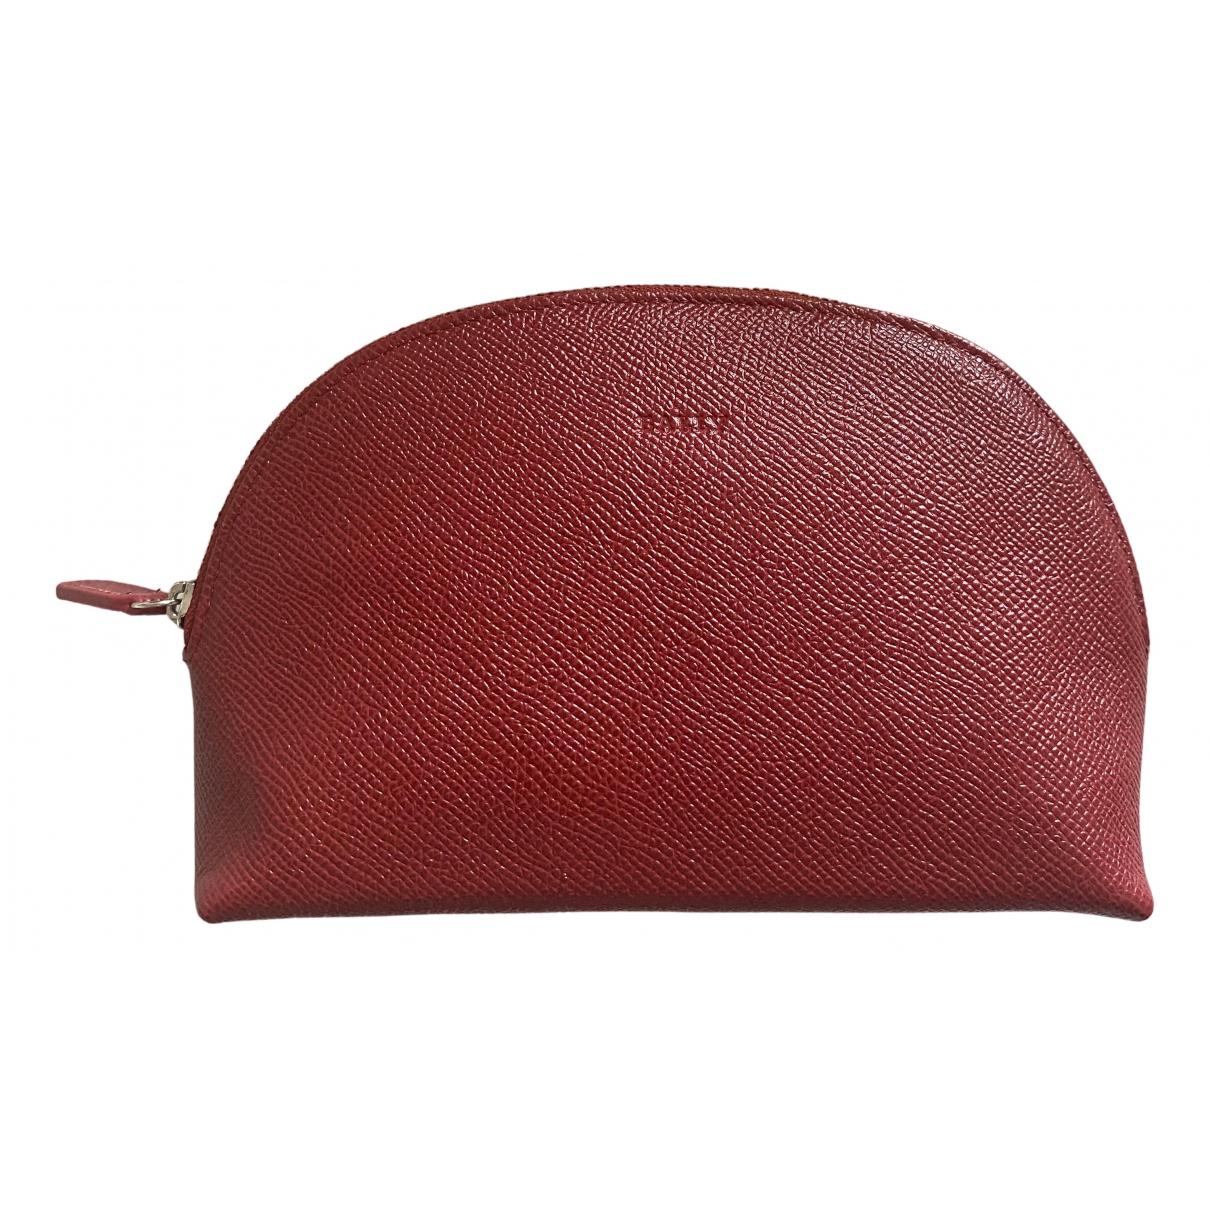 Bally \N Kleinlederwaren in  Rot Leder